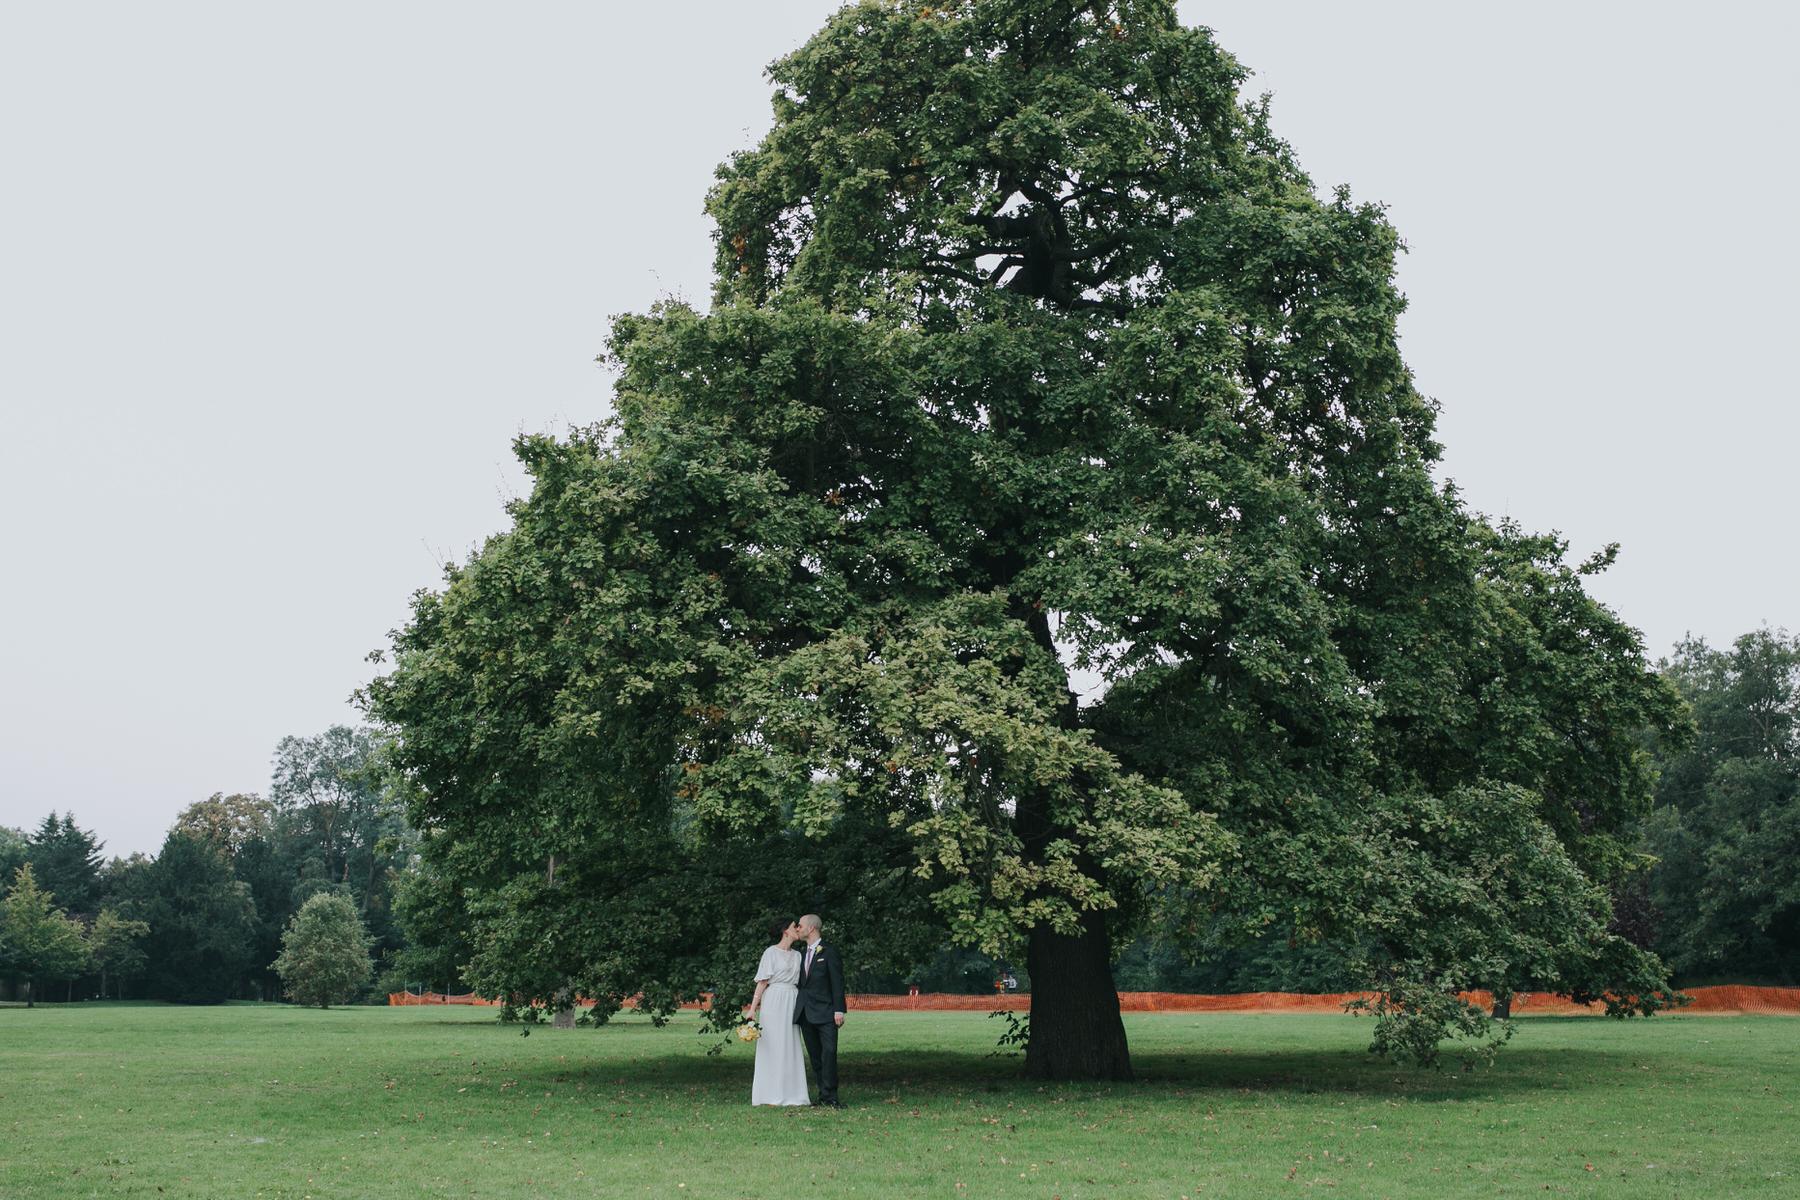 169 bride groom kissing under massive tree Belair Park London wedding.jpg